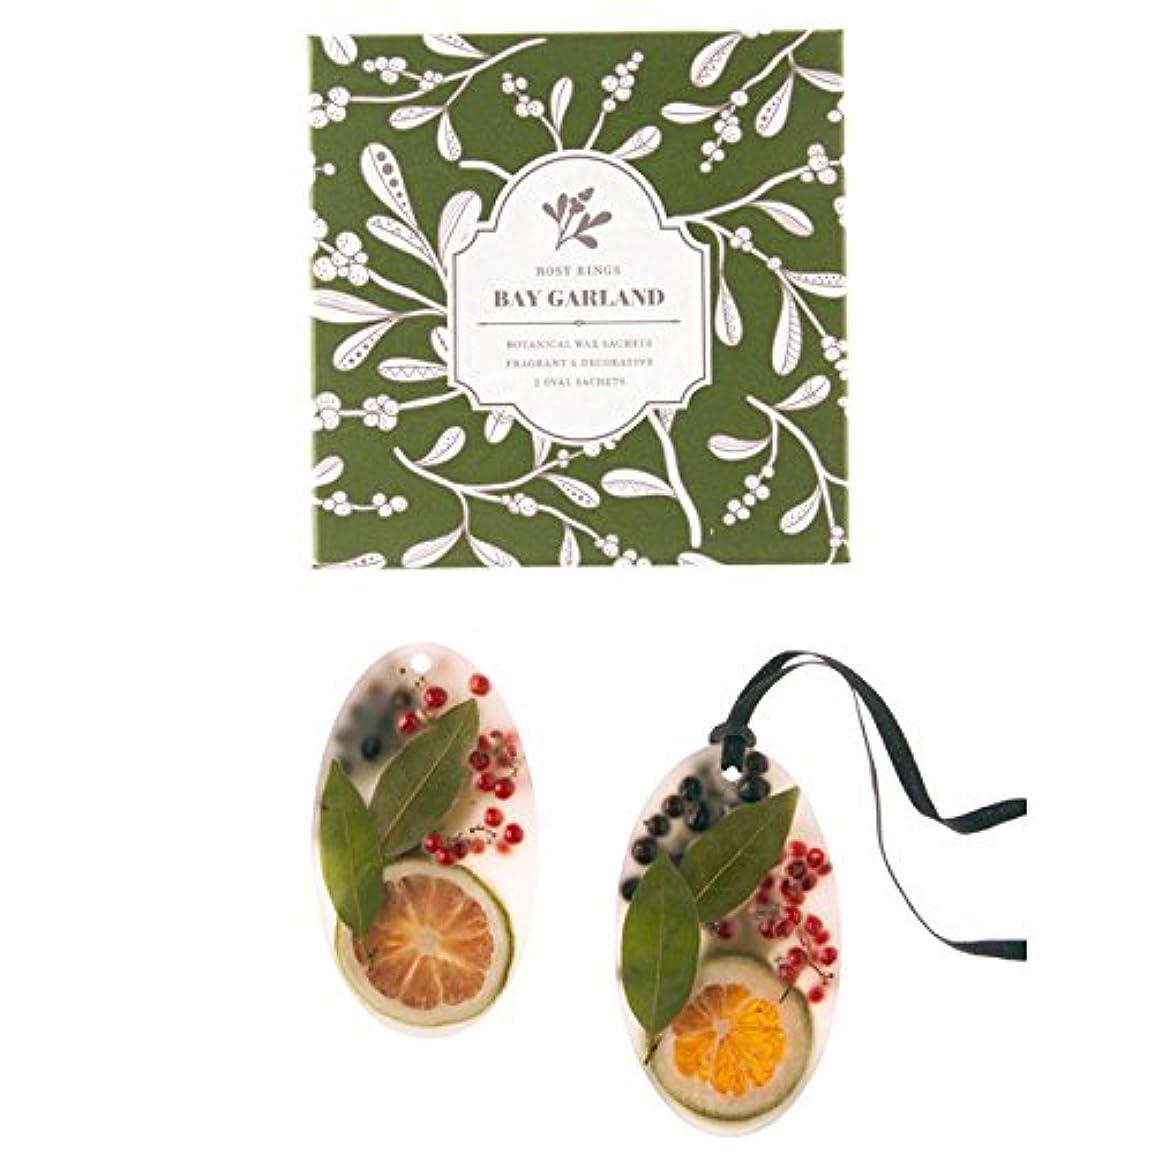 百科事典相反するメロンロージーリングス ボタニカルワックスサシェ オーバル ベイガーランド ROSY RINGS Signature Collection Botanical Wax Sachets – Bay Garland